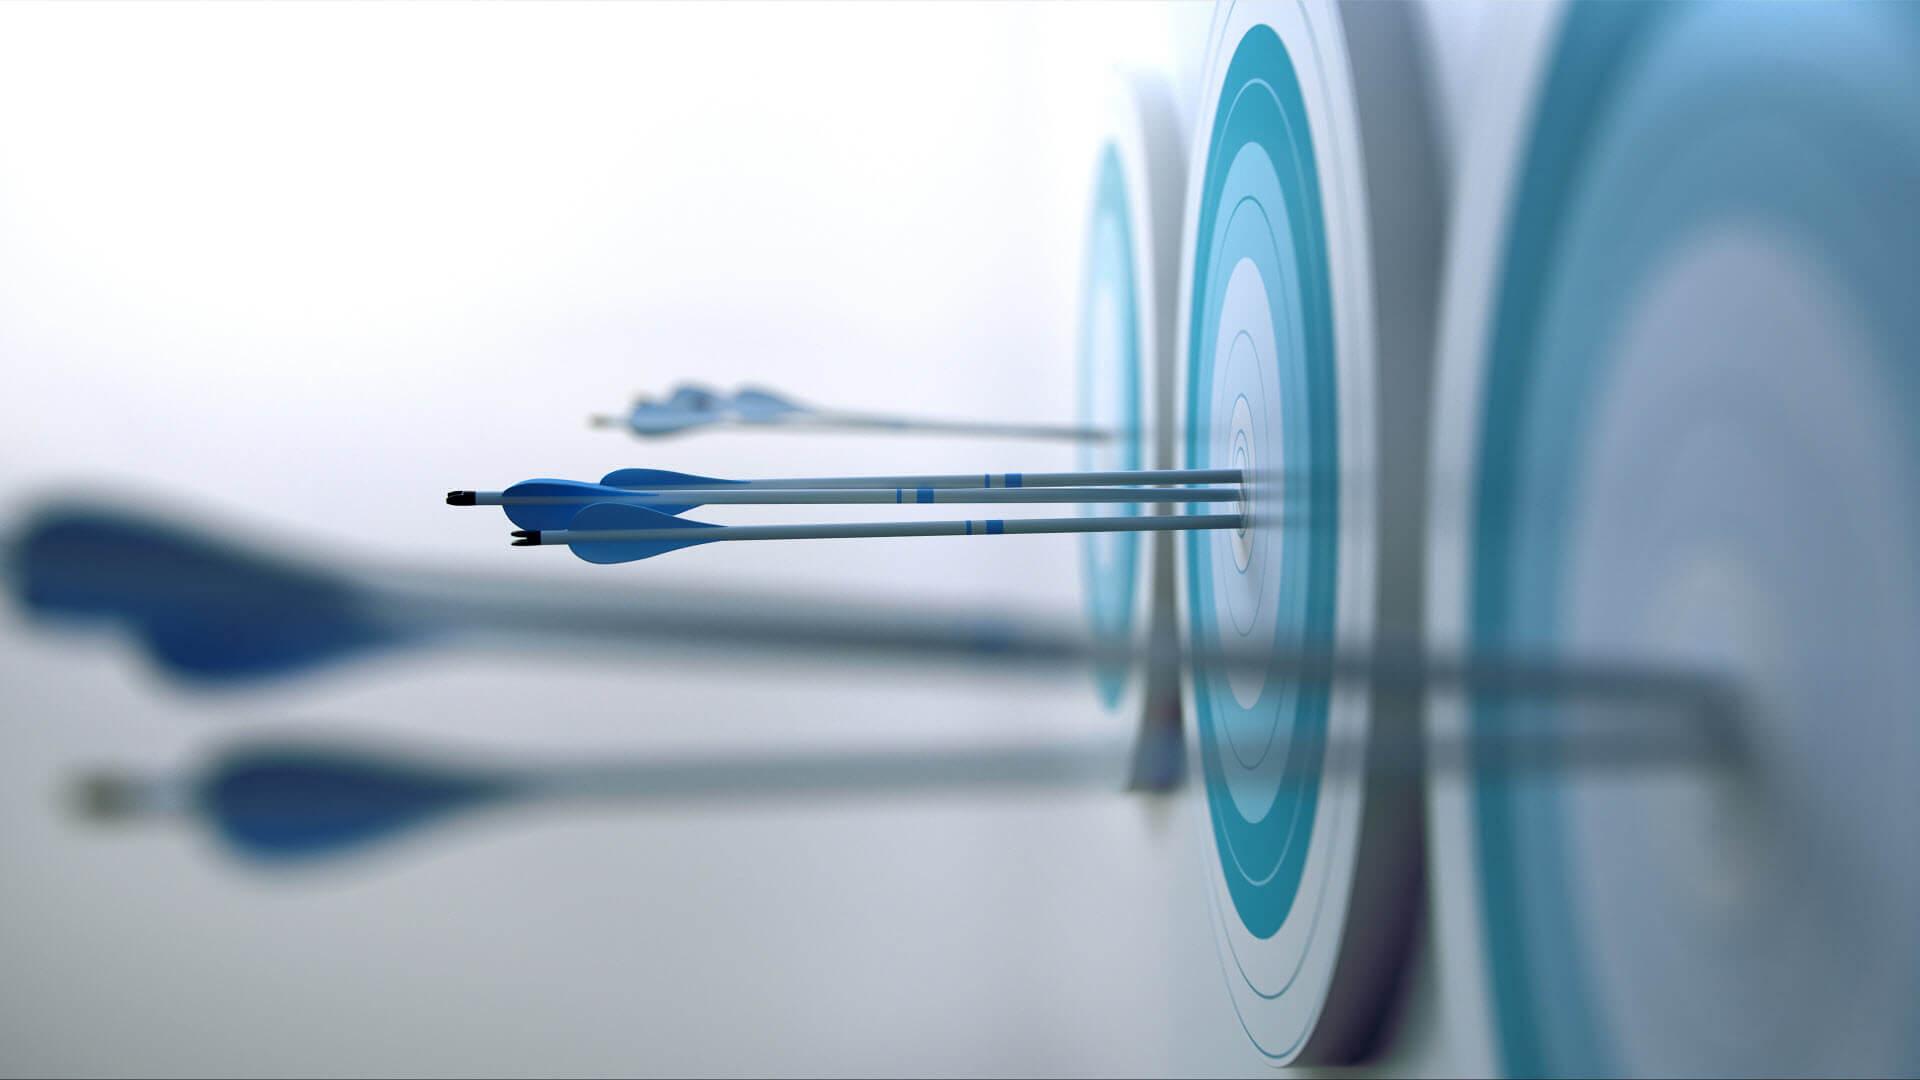 arrow_target_224717830-ss-1920-1